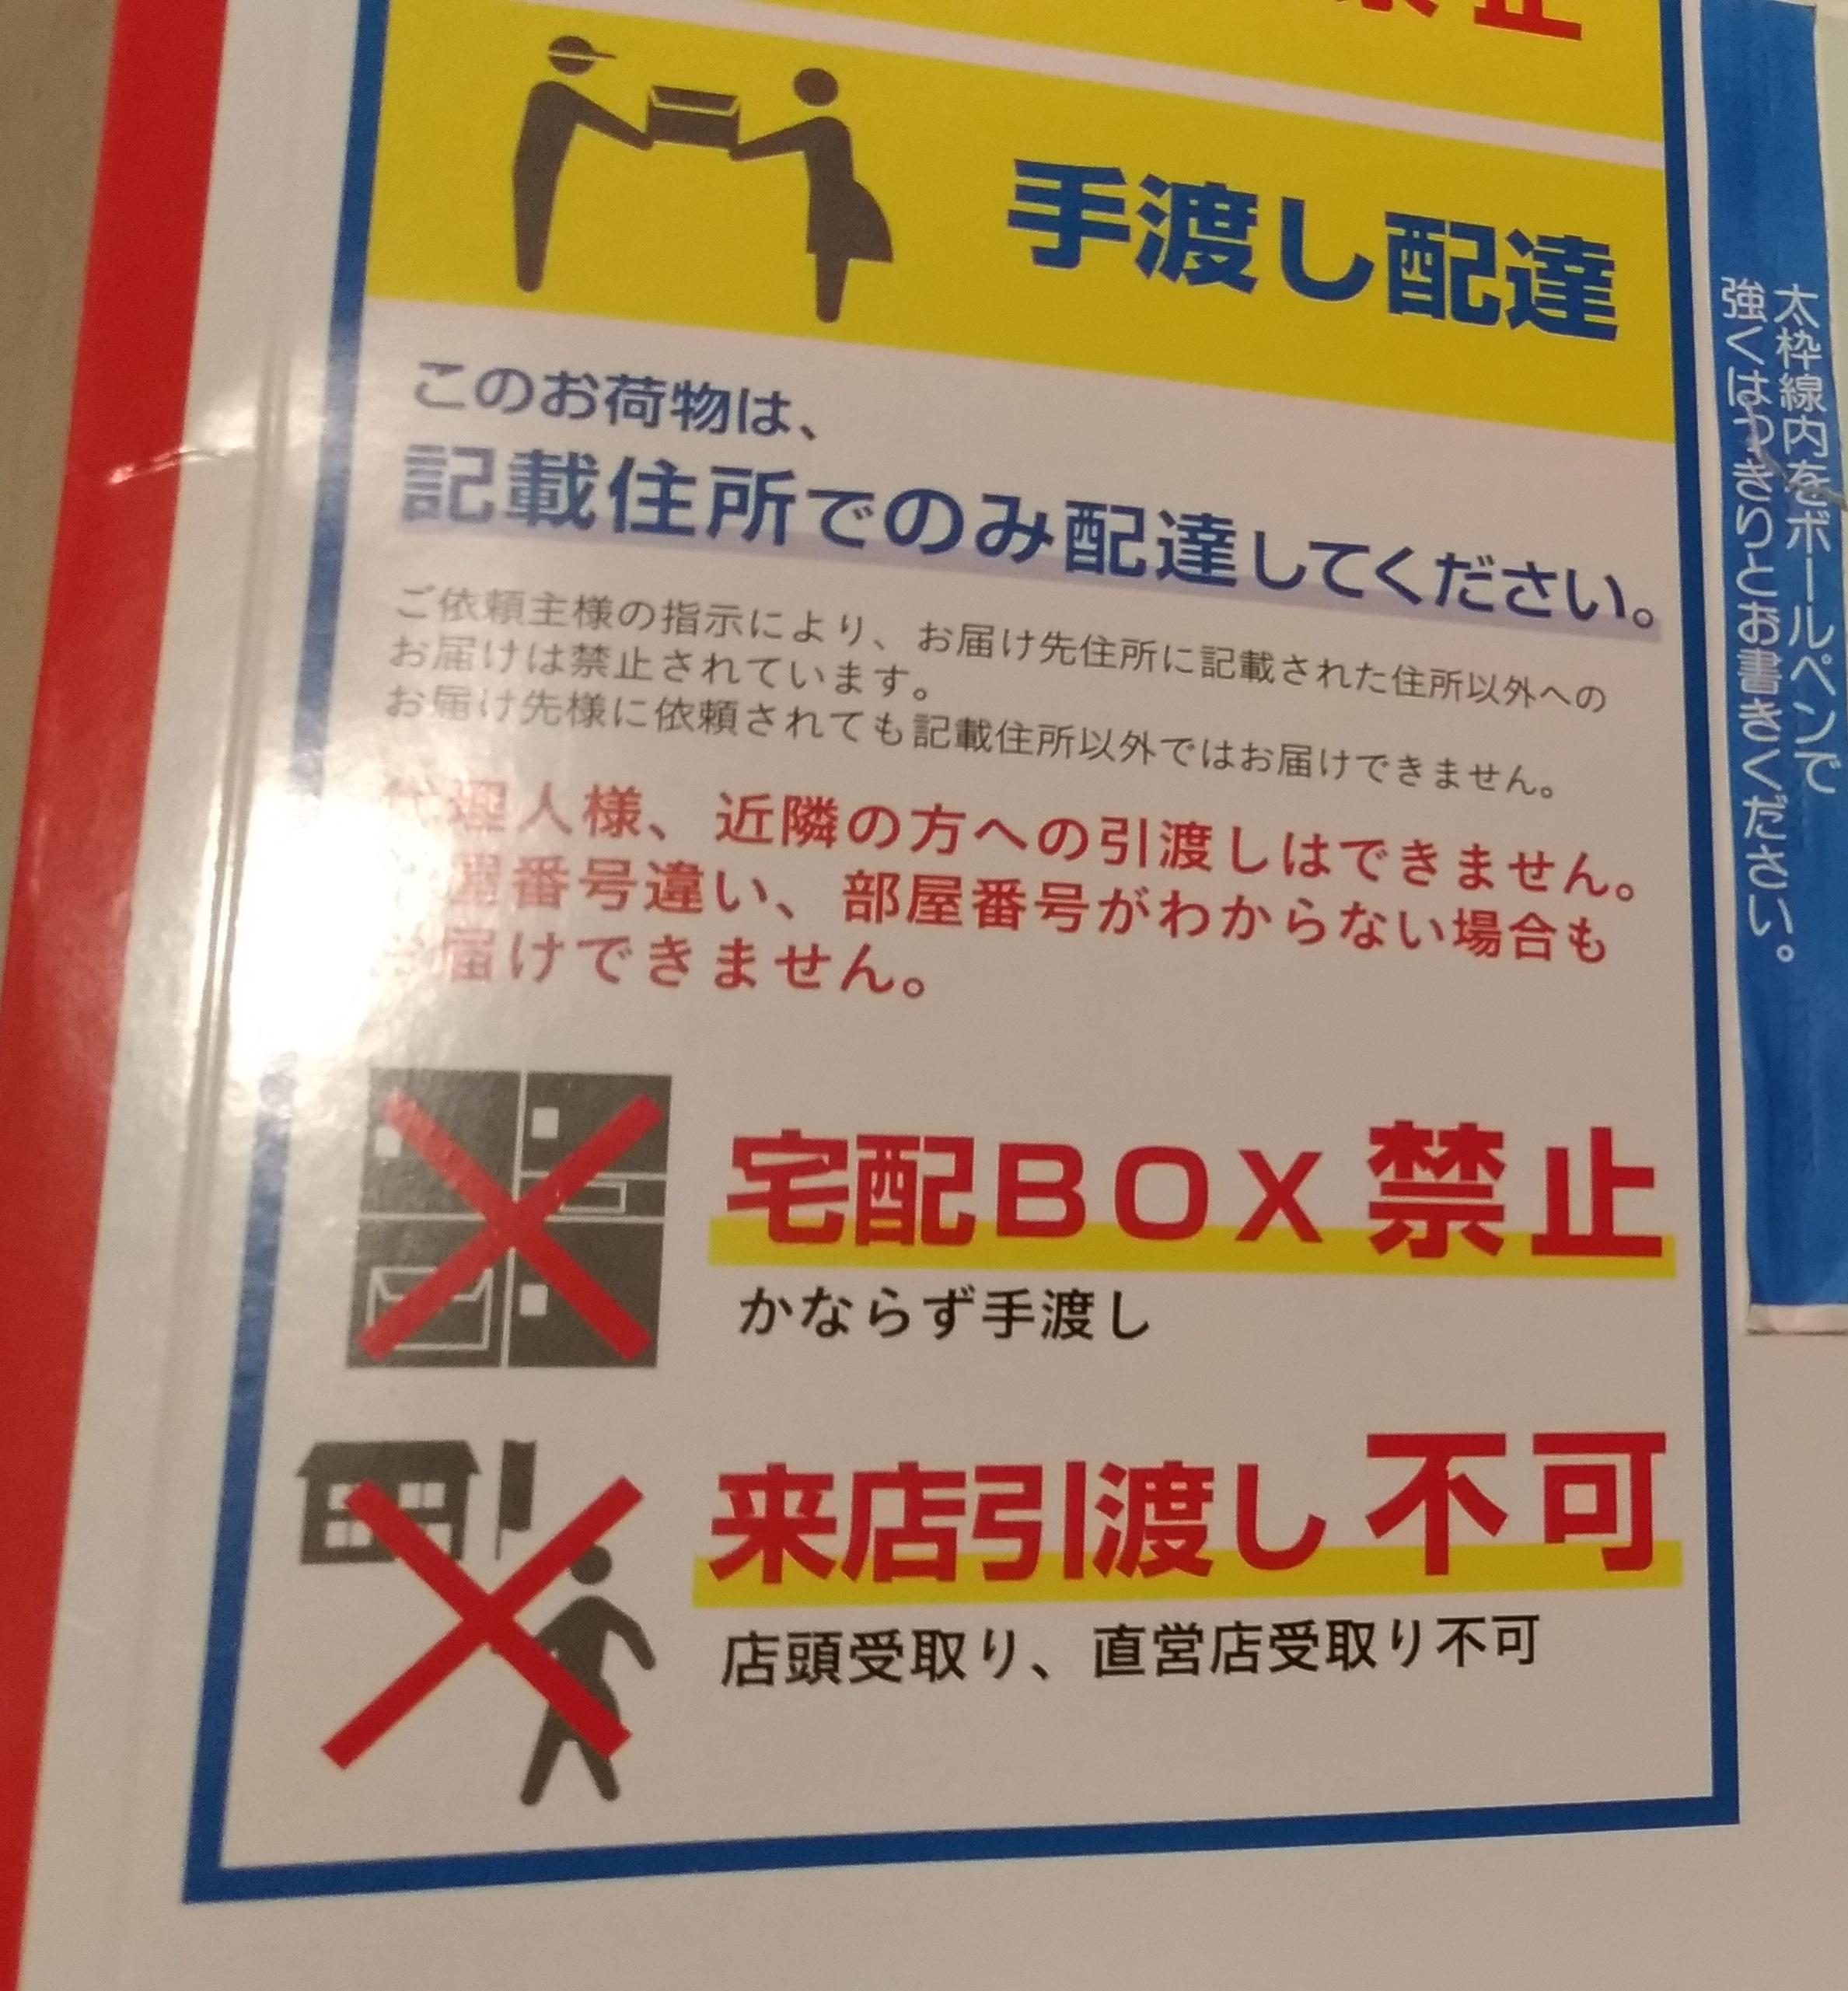 yamato_takkyubin_201909_2.jpg